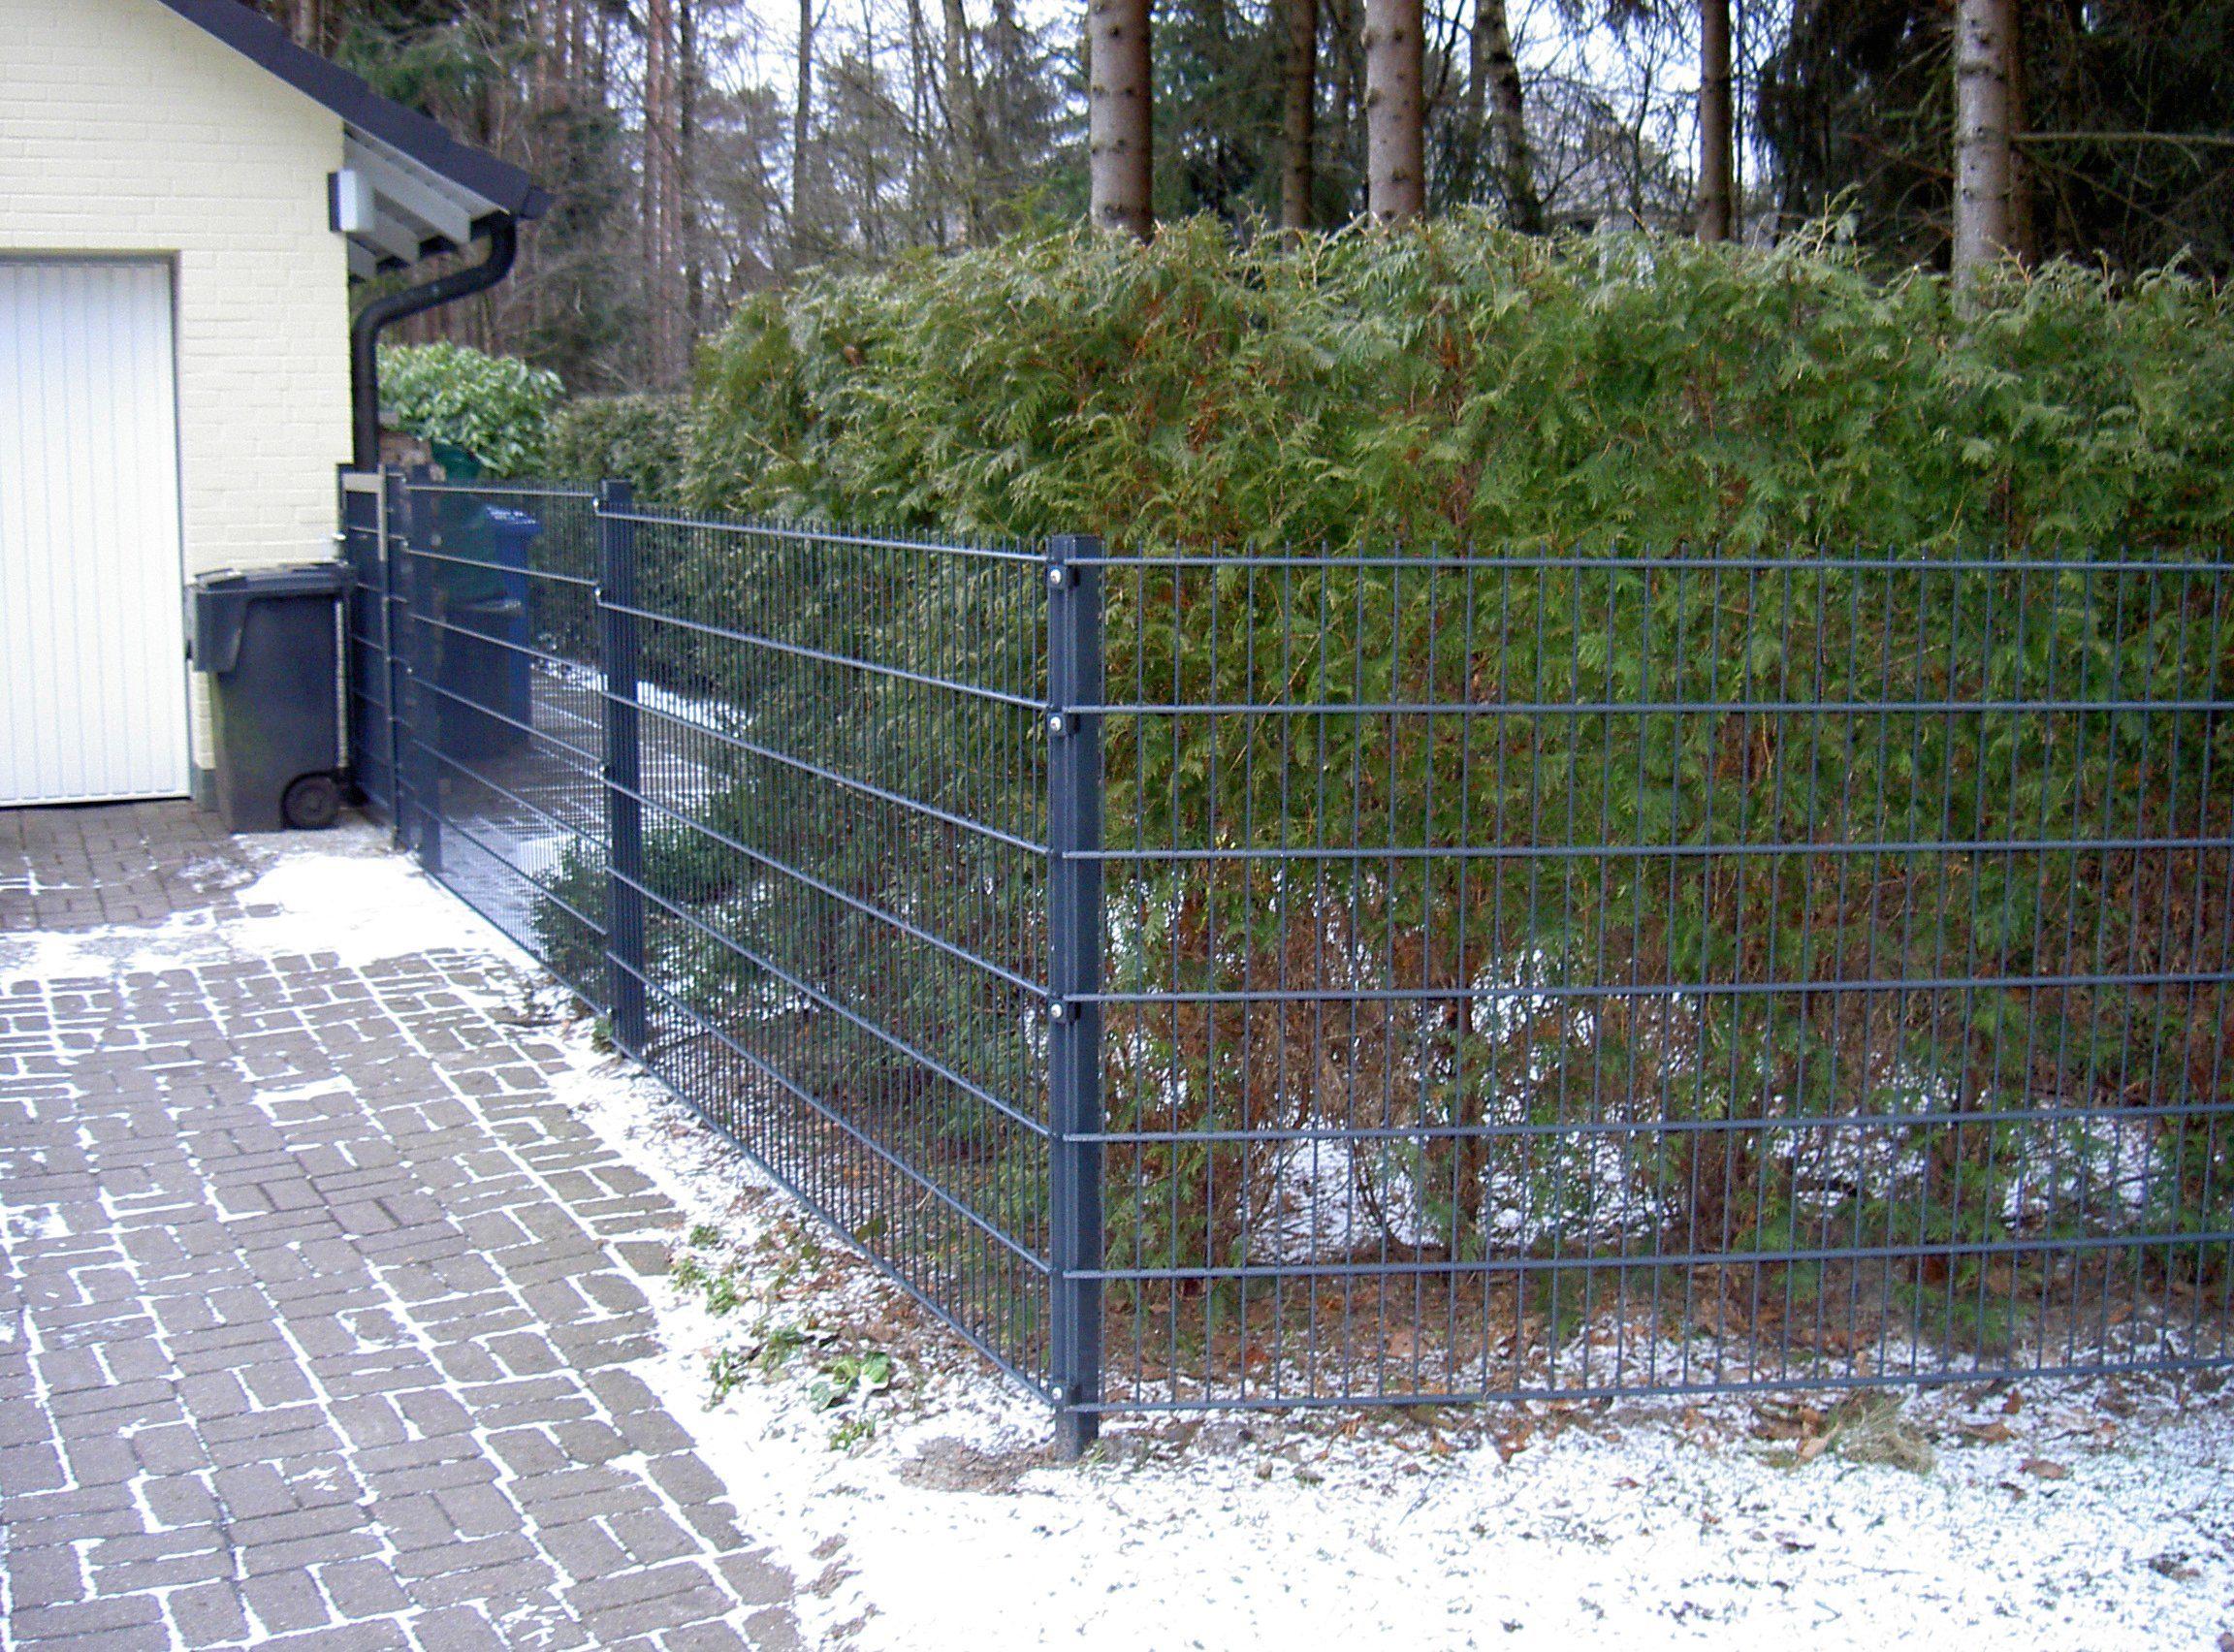 PEDDY SHIELD Einstabmattenzaun 125 cm hoch, 2 Matten für 4 m Zaun, mit 3 Pfosten